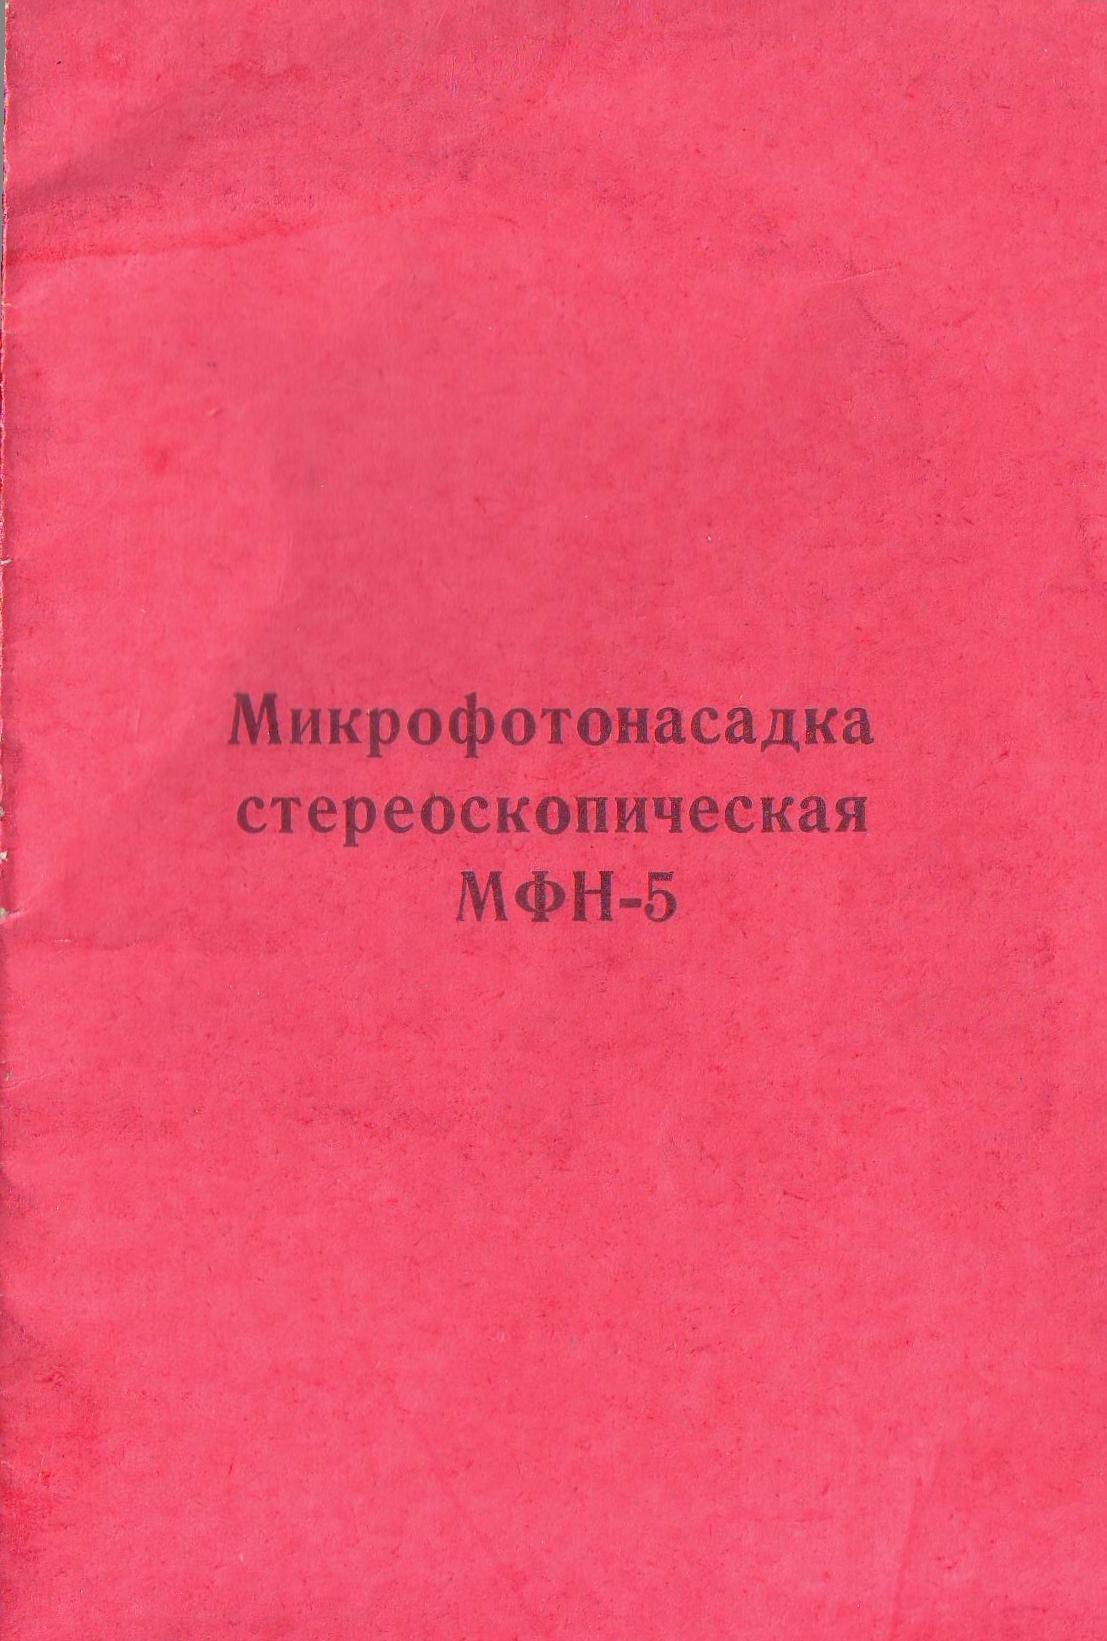 мфн-5 инструкция